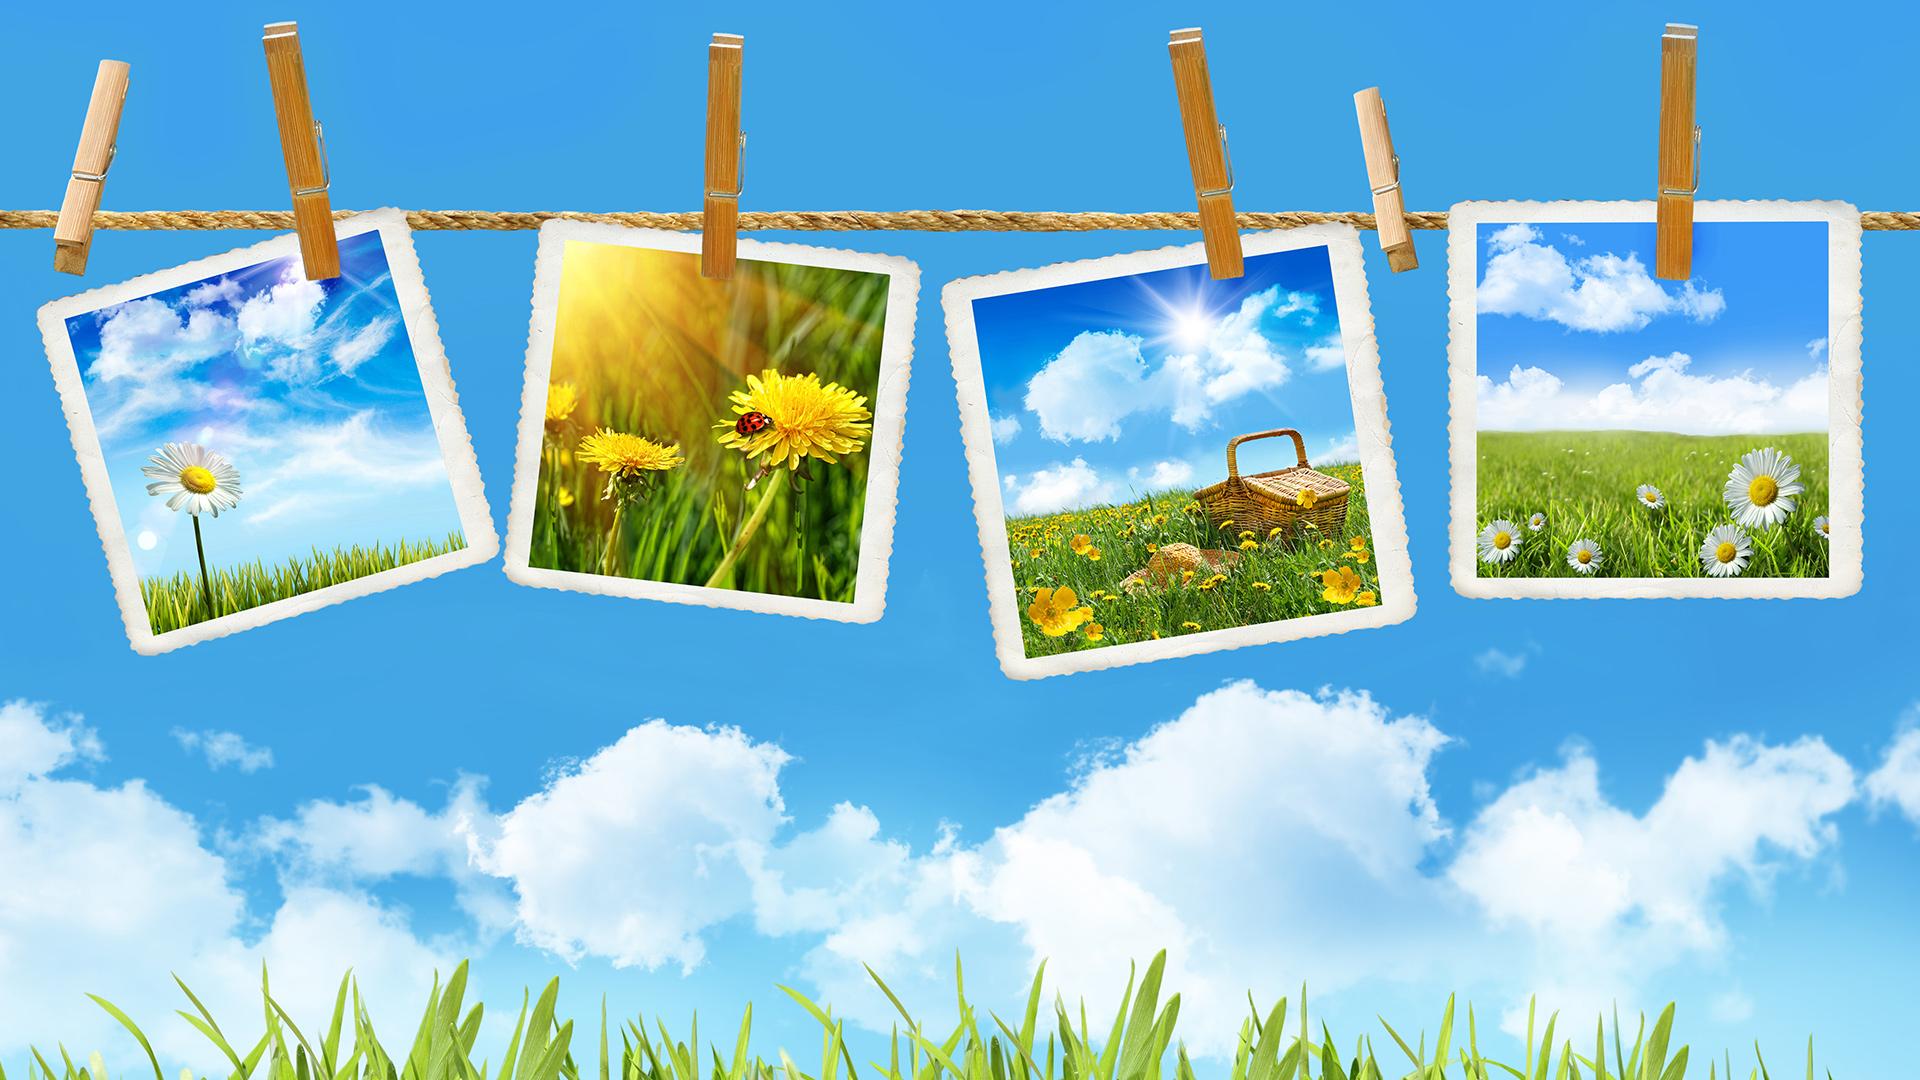 Красивые картинки на рабочий стол про лето и его пейзажи природы 14